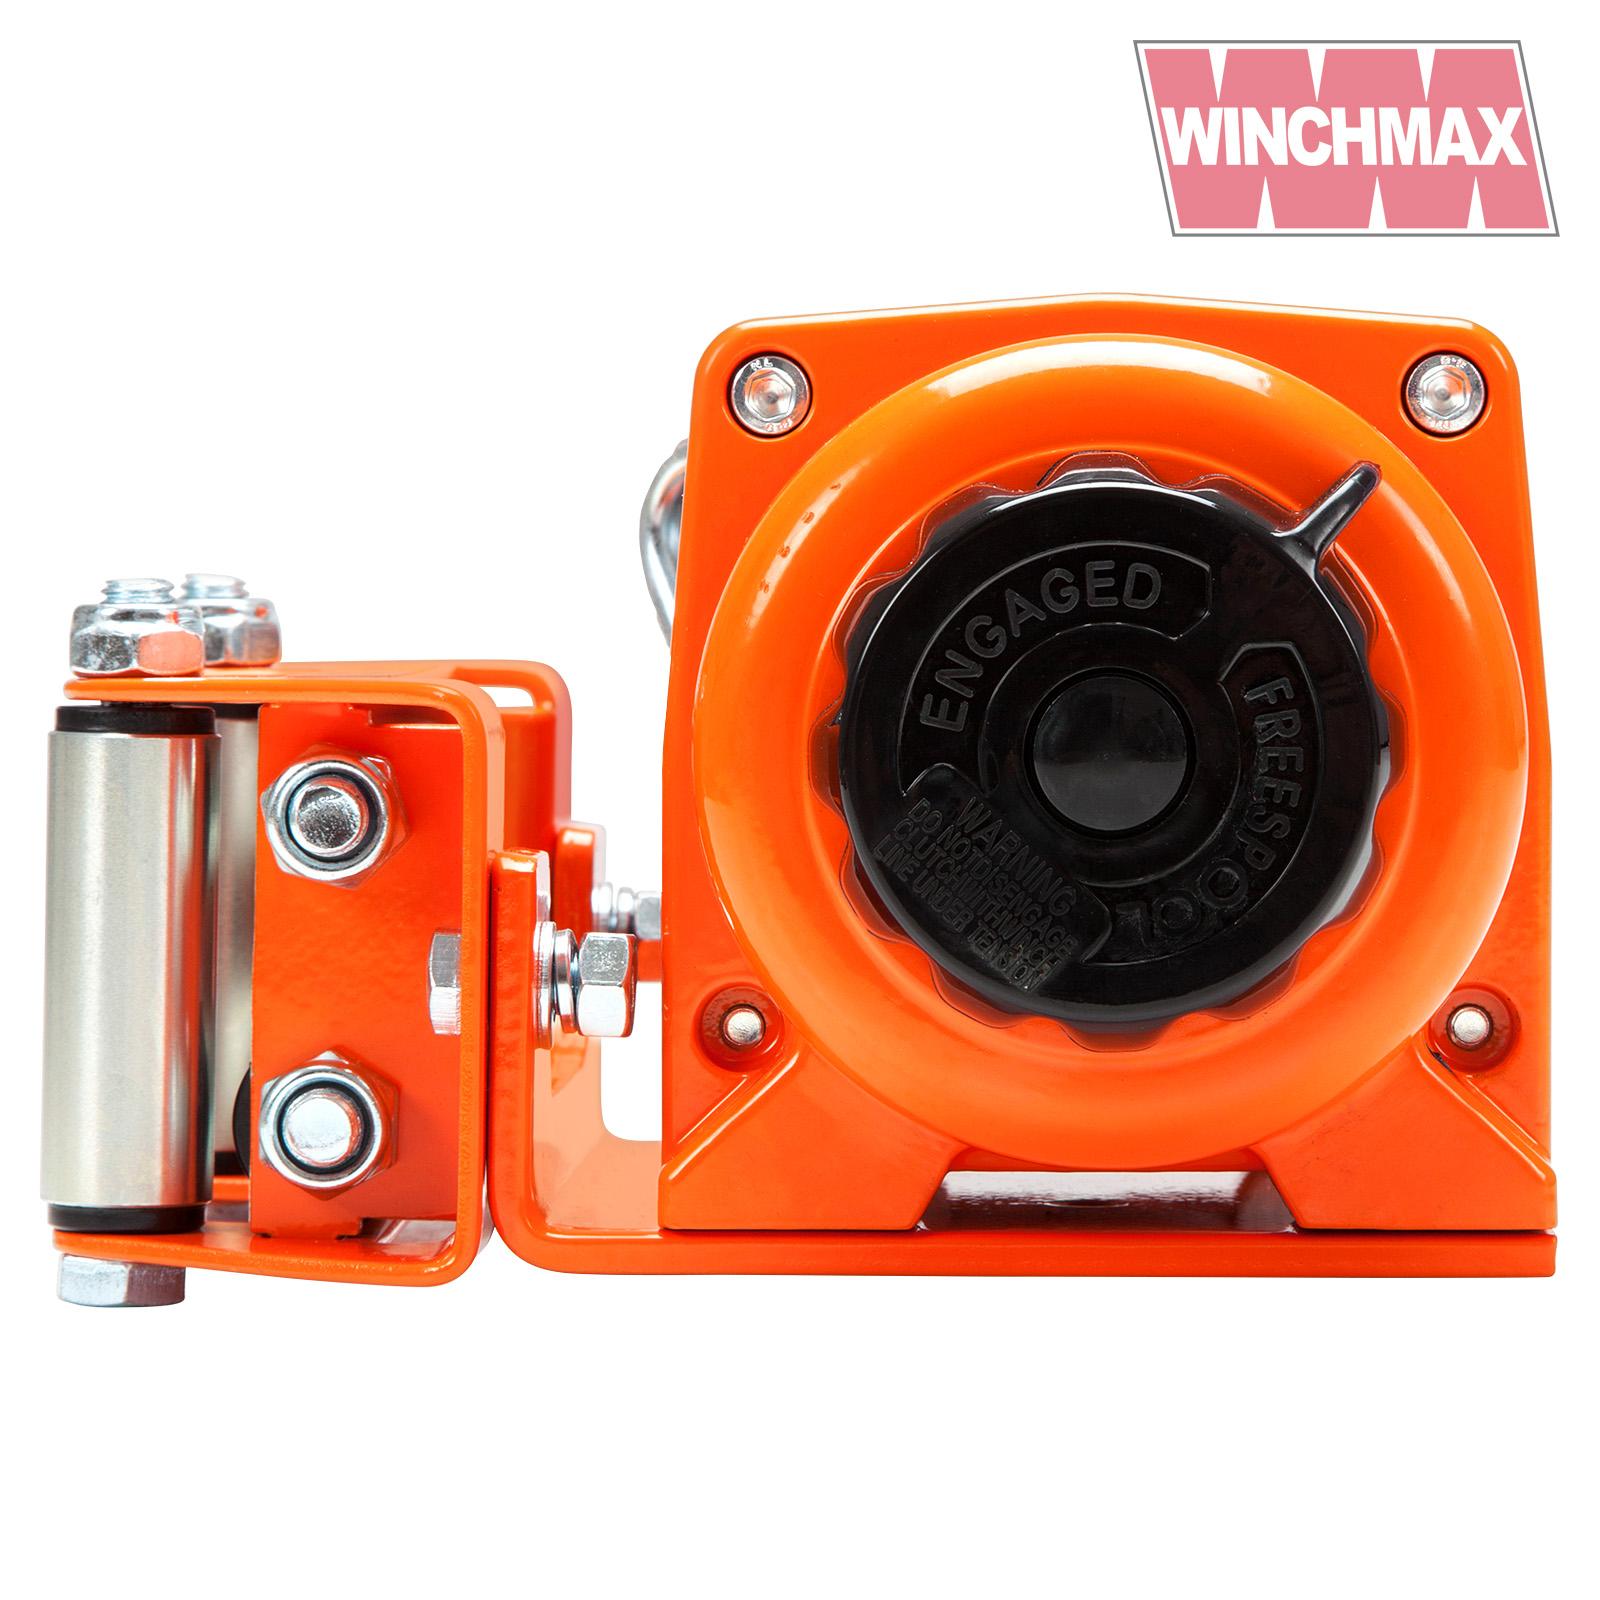 Wm300012vr winchmax 364